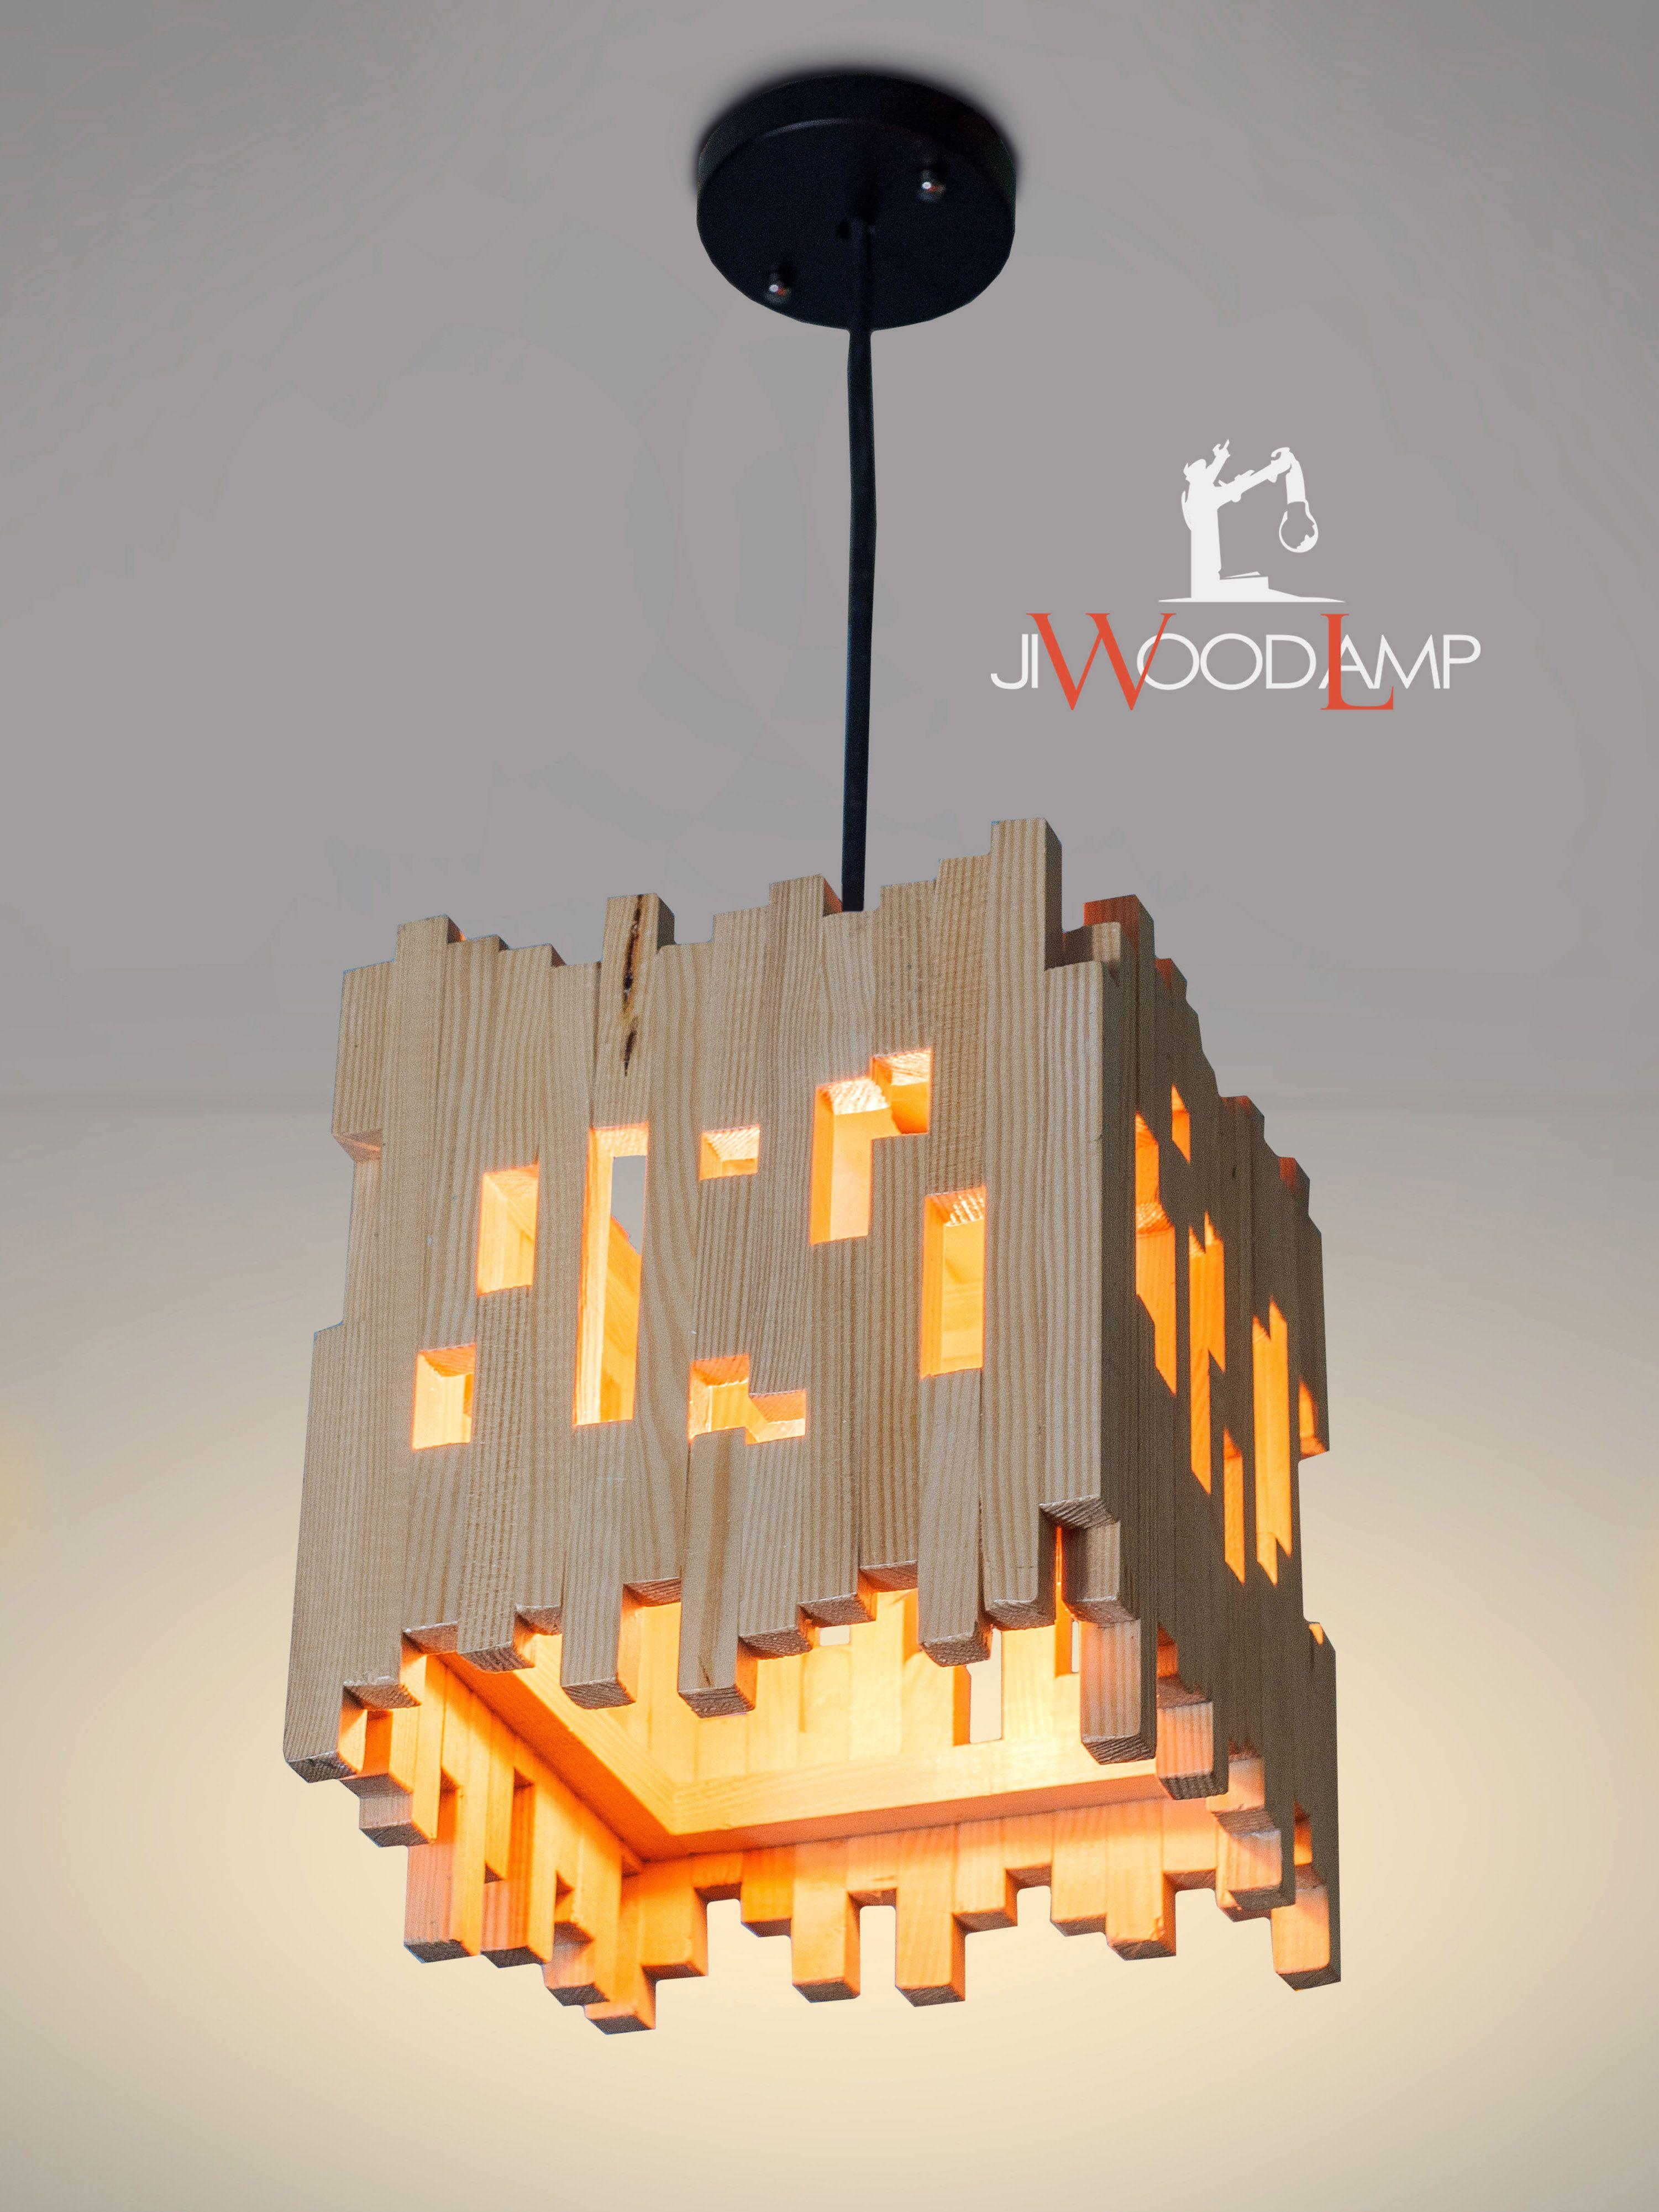 Wood Hanging Lamp Pendant Light Wood Lamp Wooden Lamp Natural